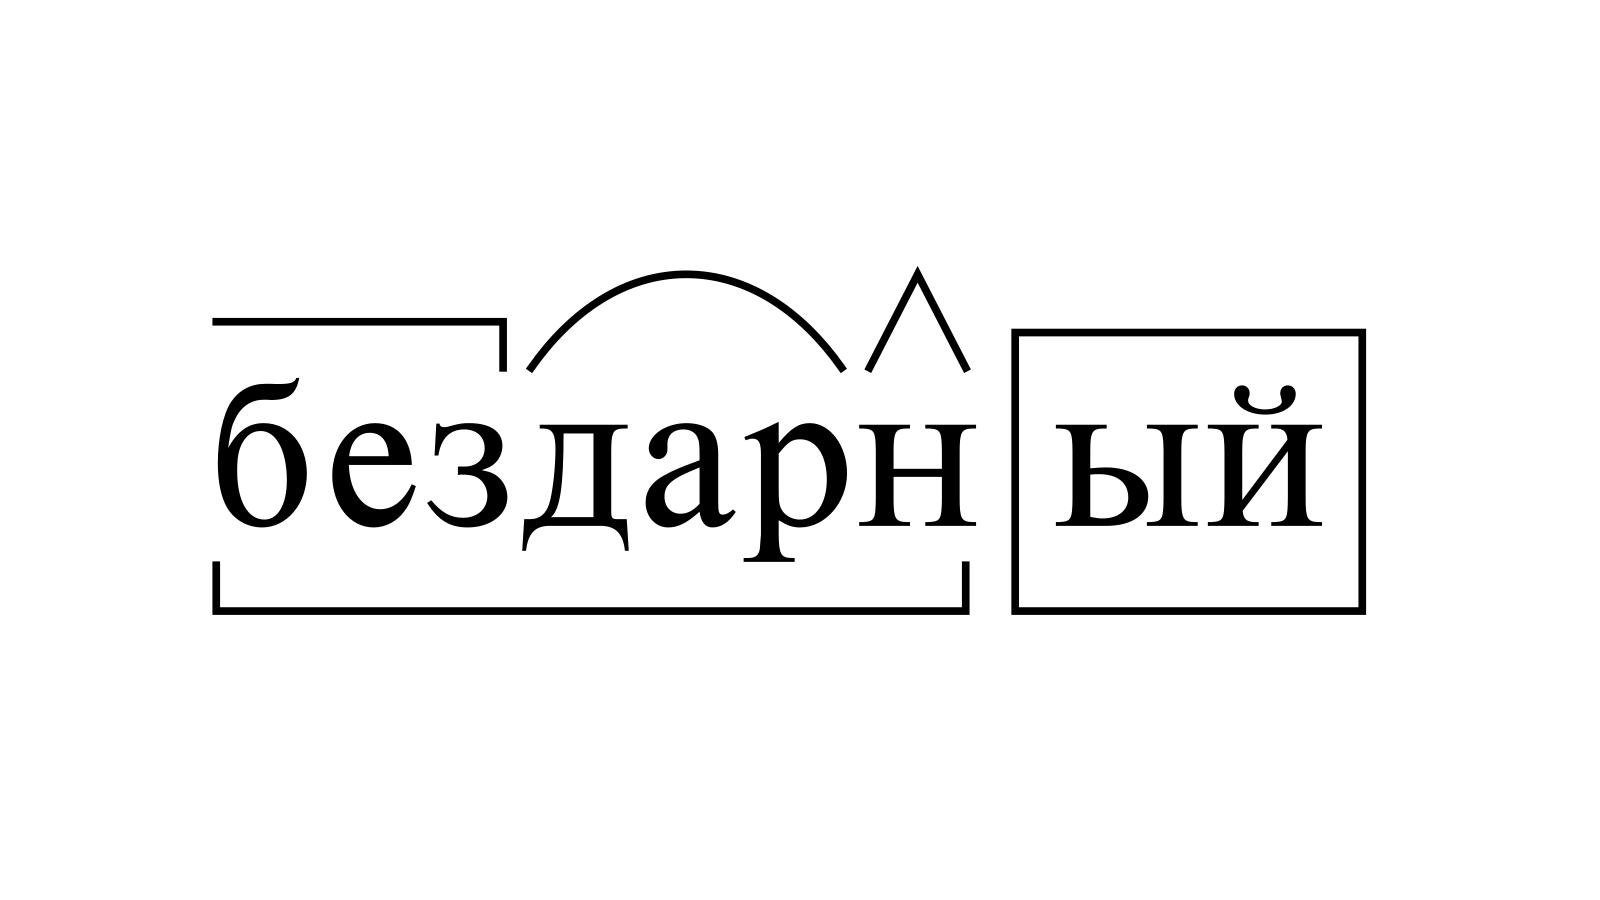 Разбор слова «бездарный» по составу